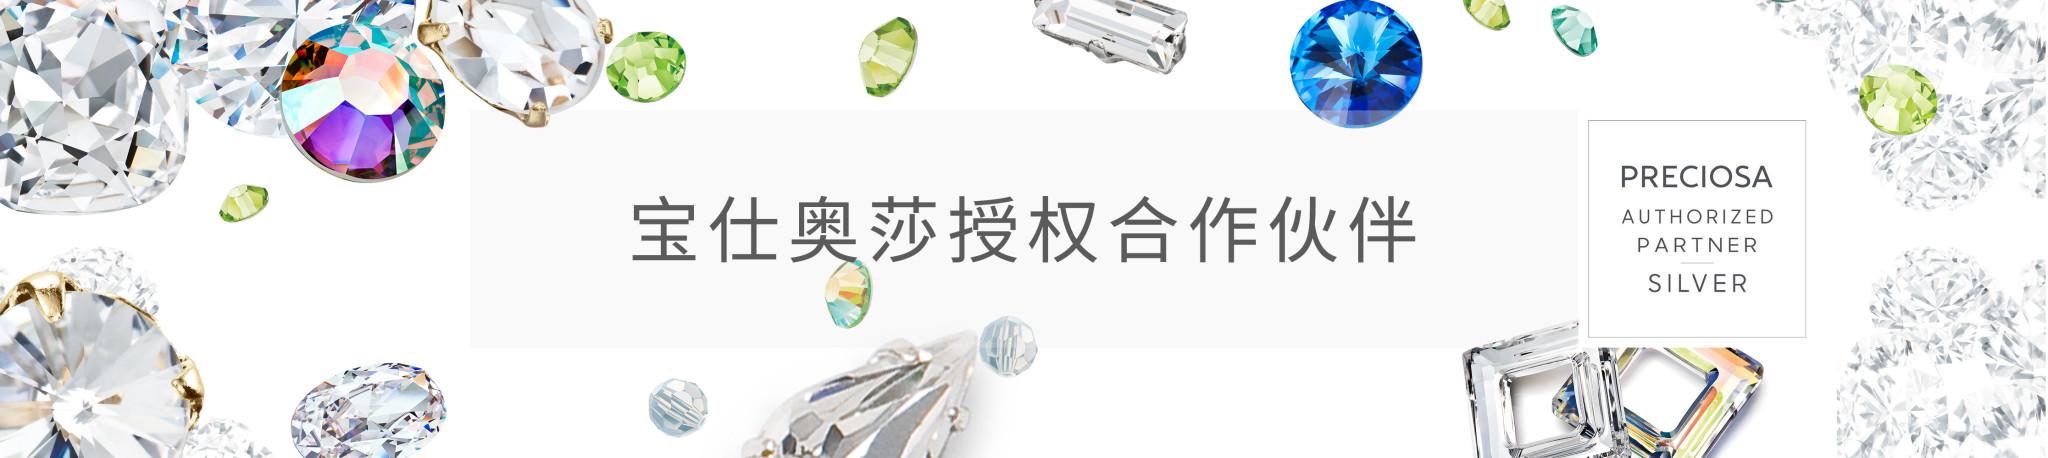 宝仕奥莎合作伙伴 中文2-2